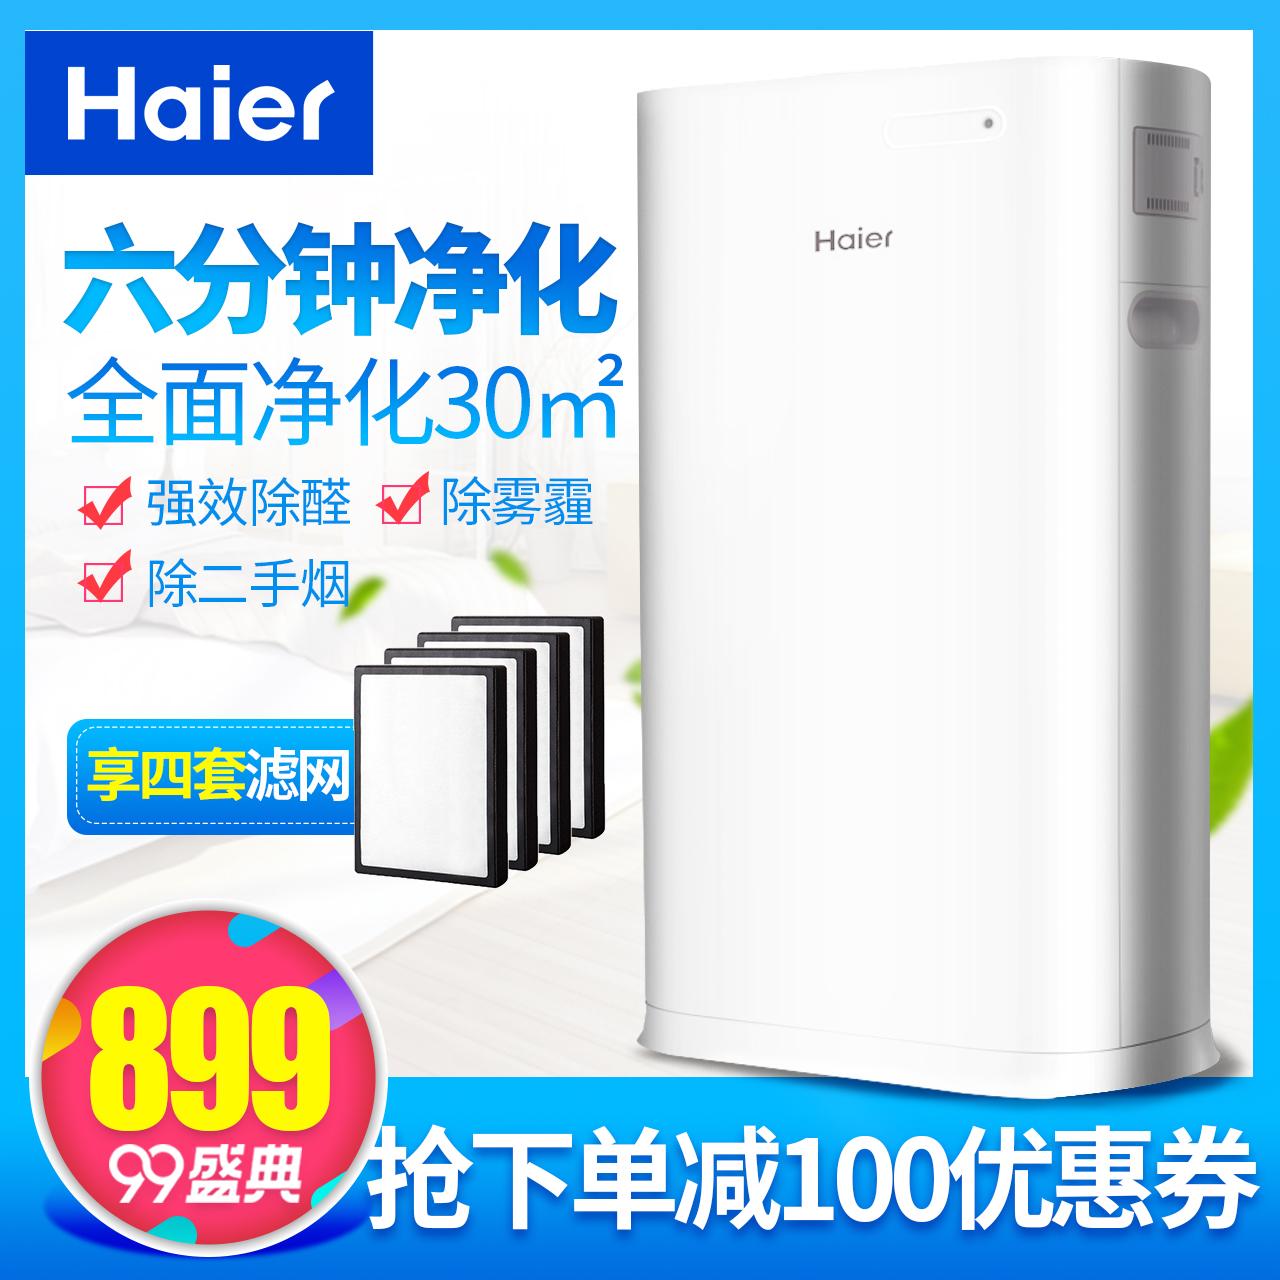 海尔 空气净化器 家用 智能去除甲醛二手烟雾霾卧室内负离子氧吧